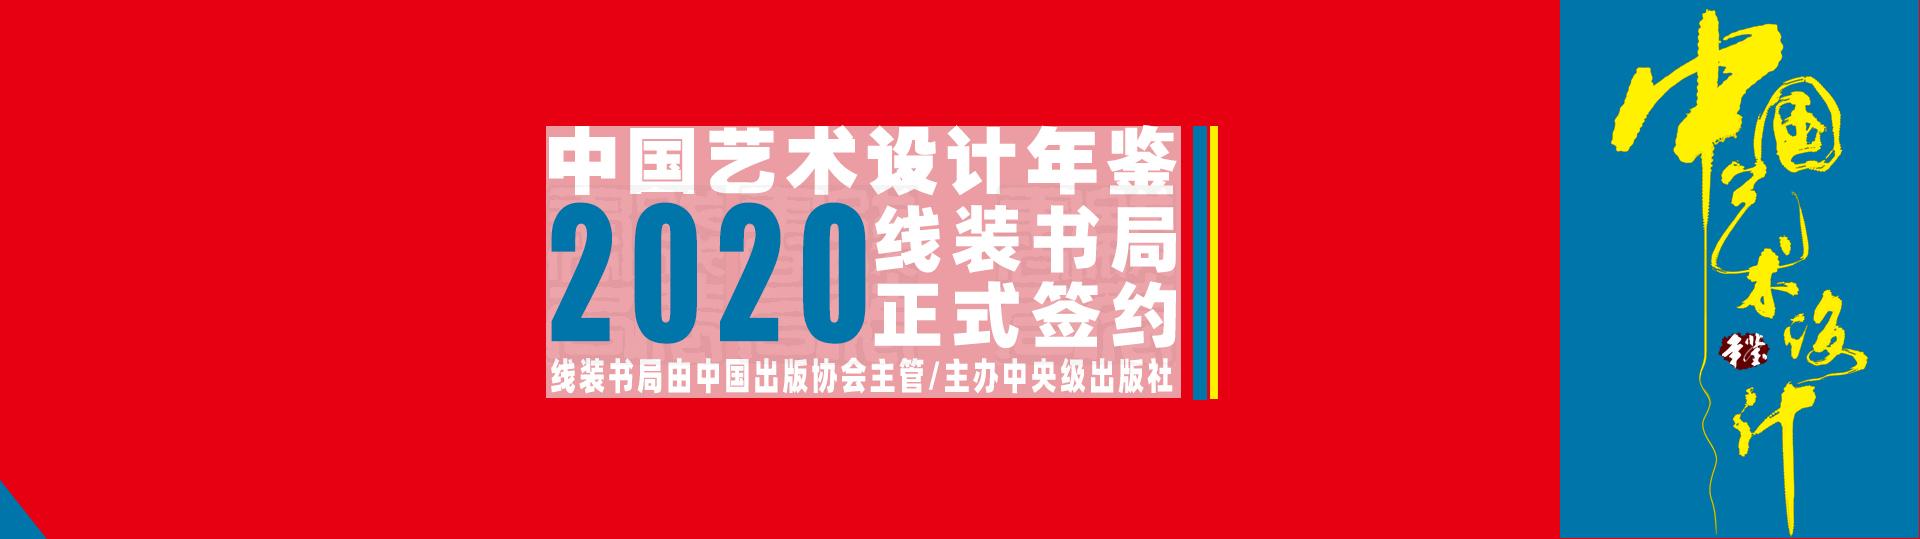 焦点图2台湾评审